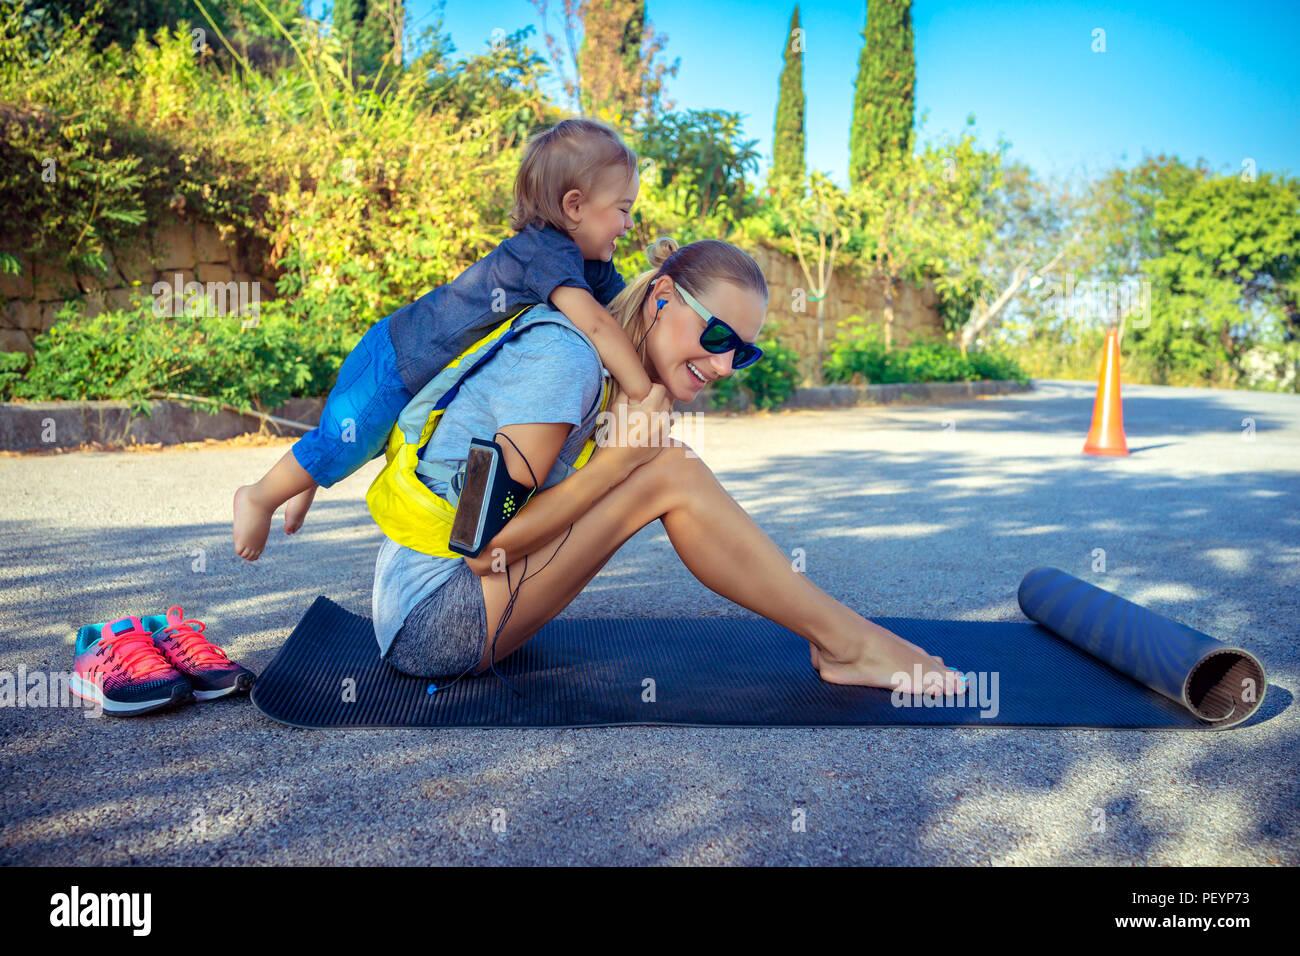 Madre con su hijo deportiva al aire libre haciendo ejercicios de gimnasia, familia feliz junto a entrenar, activa vida sana Imagen De Stock